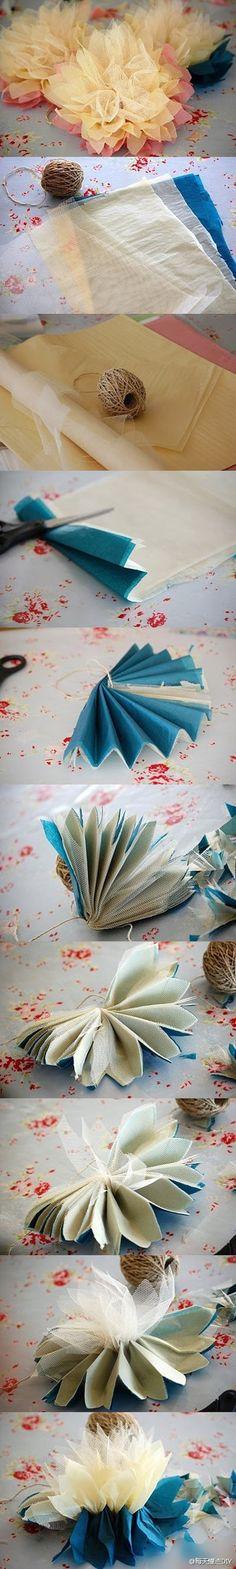 柔美的纸花 - 堆糖 发现生活_收集美好_分享图片